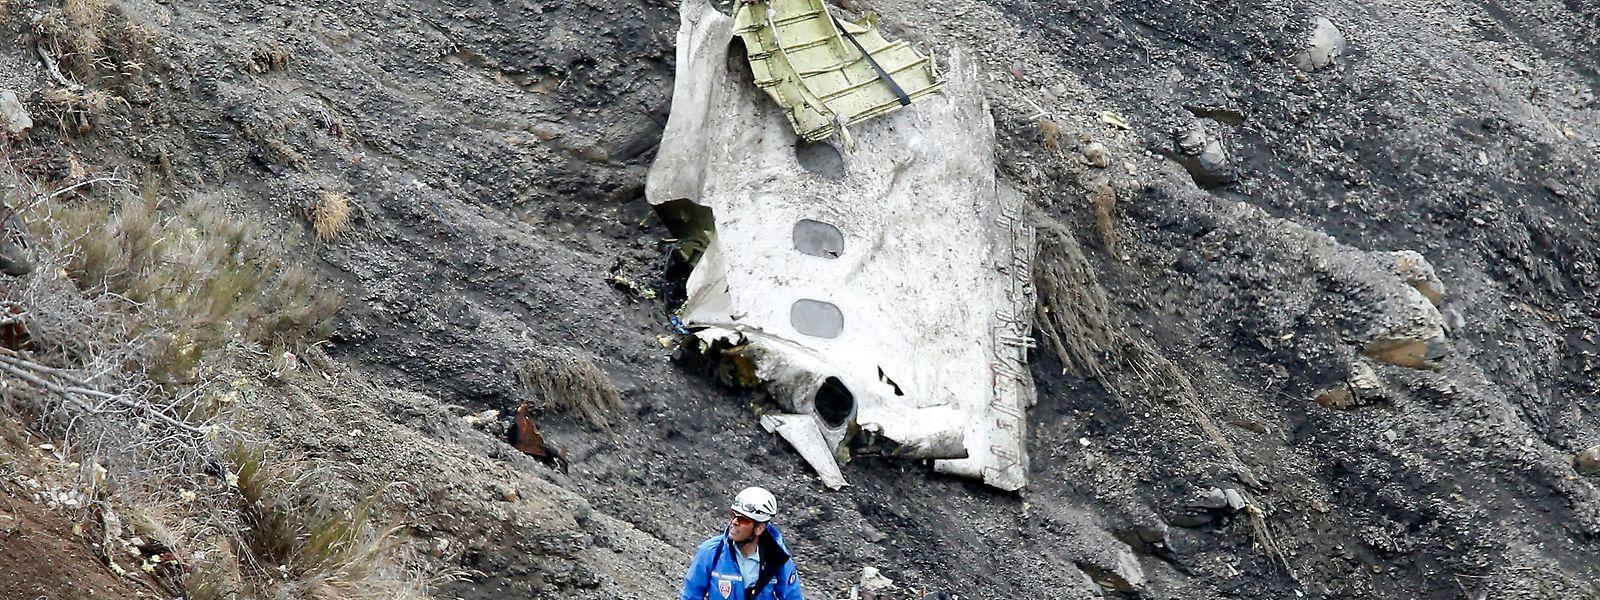 Ein Such- und Rettungshelfer steht am Absturzort des Germanwings Airbus A320, der am 24. März 2015 in den französischen Alpen zerschellt war.